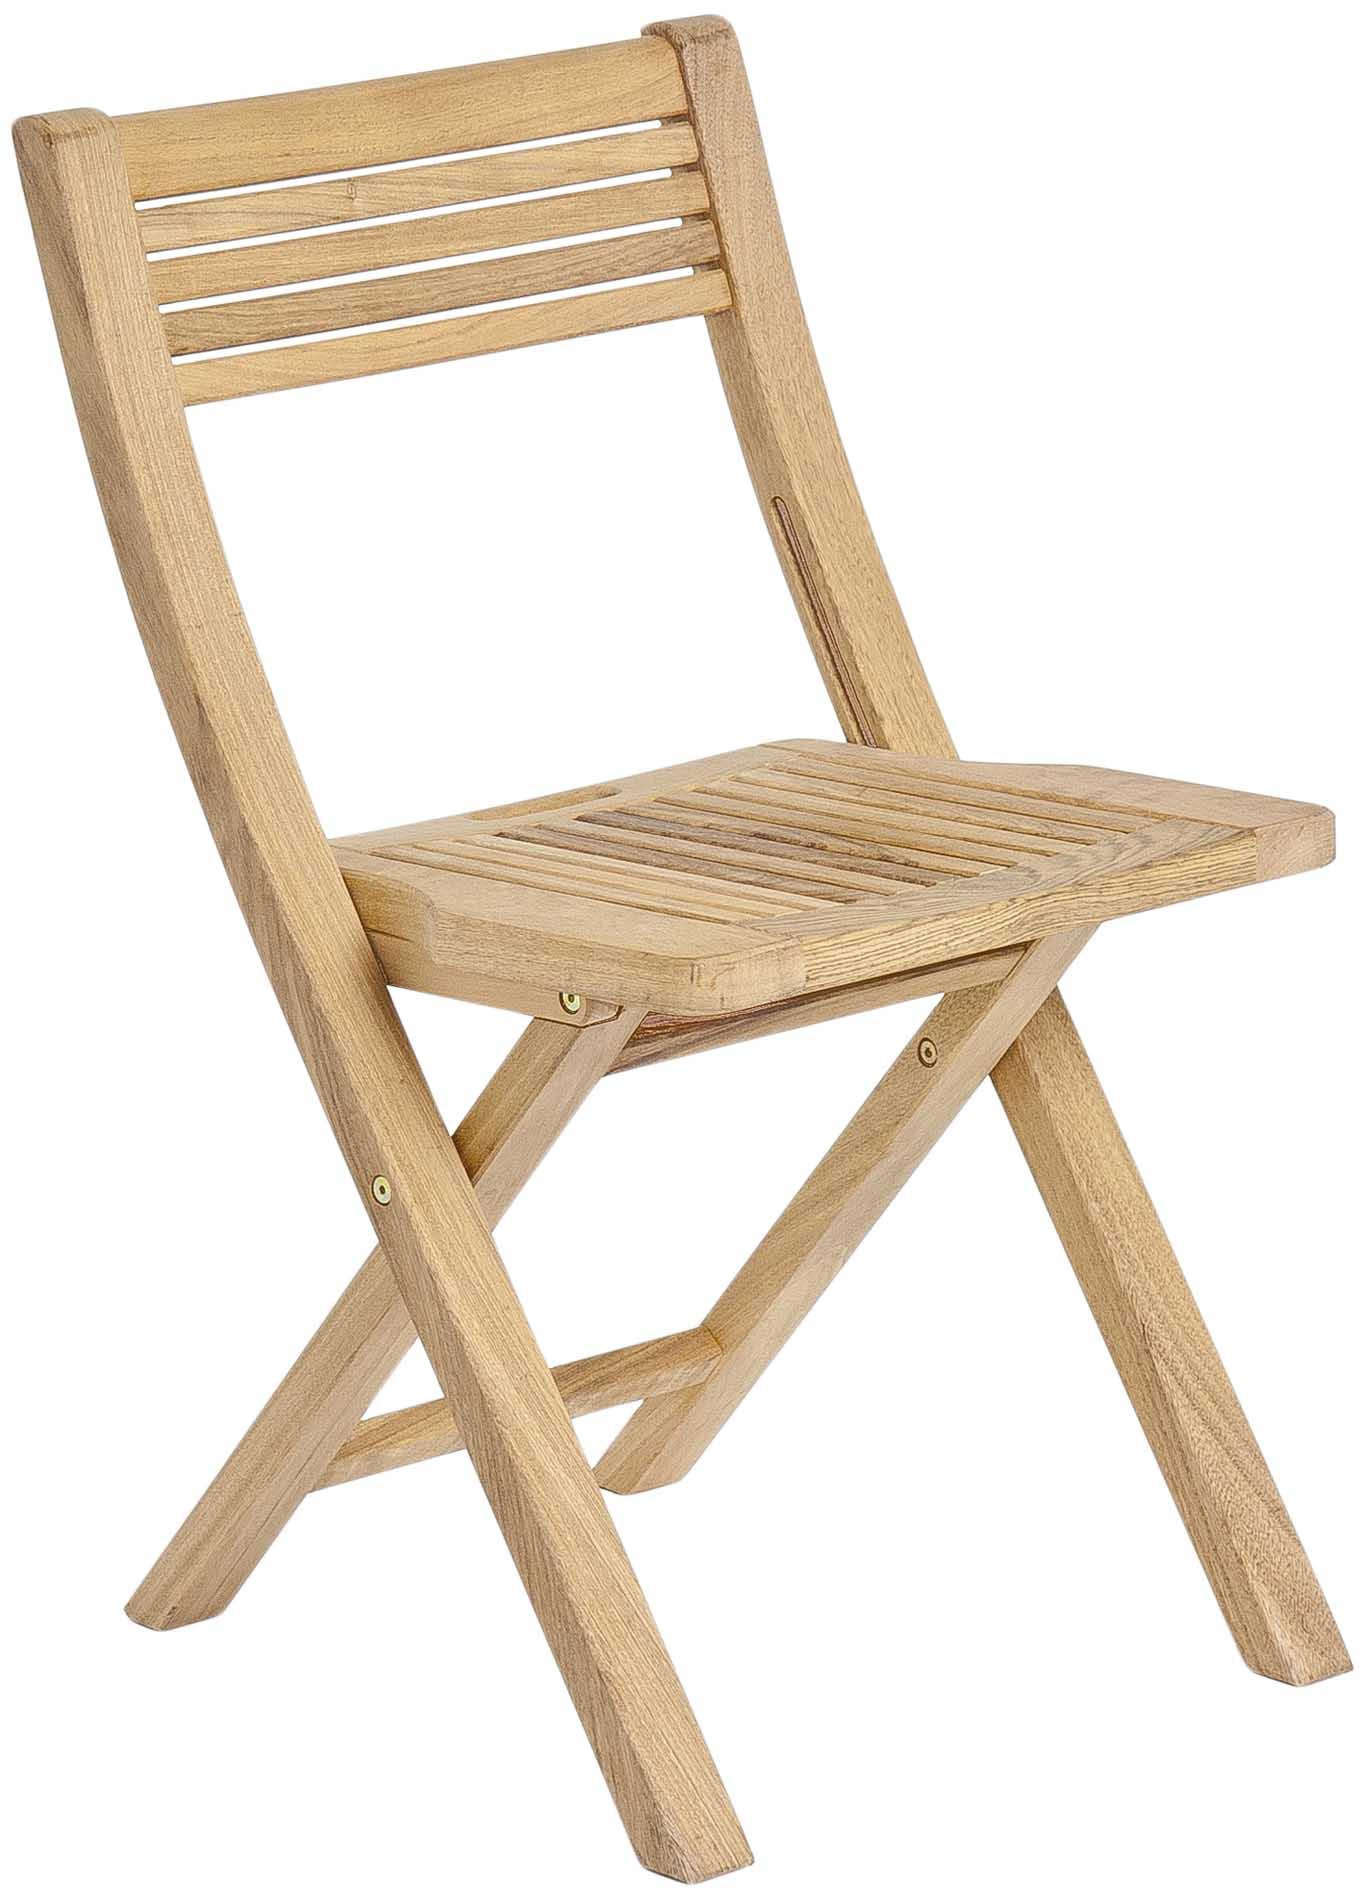 Chaise pliante en bois clair FSC